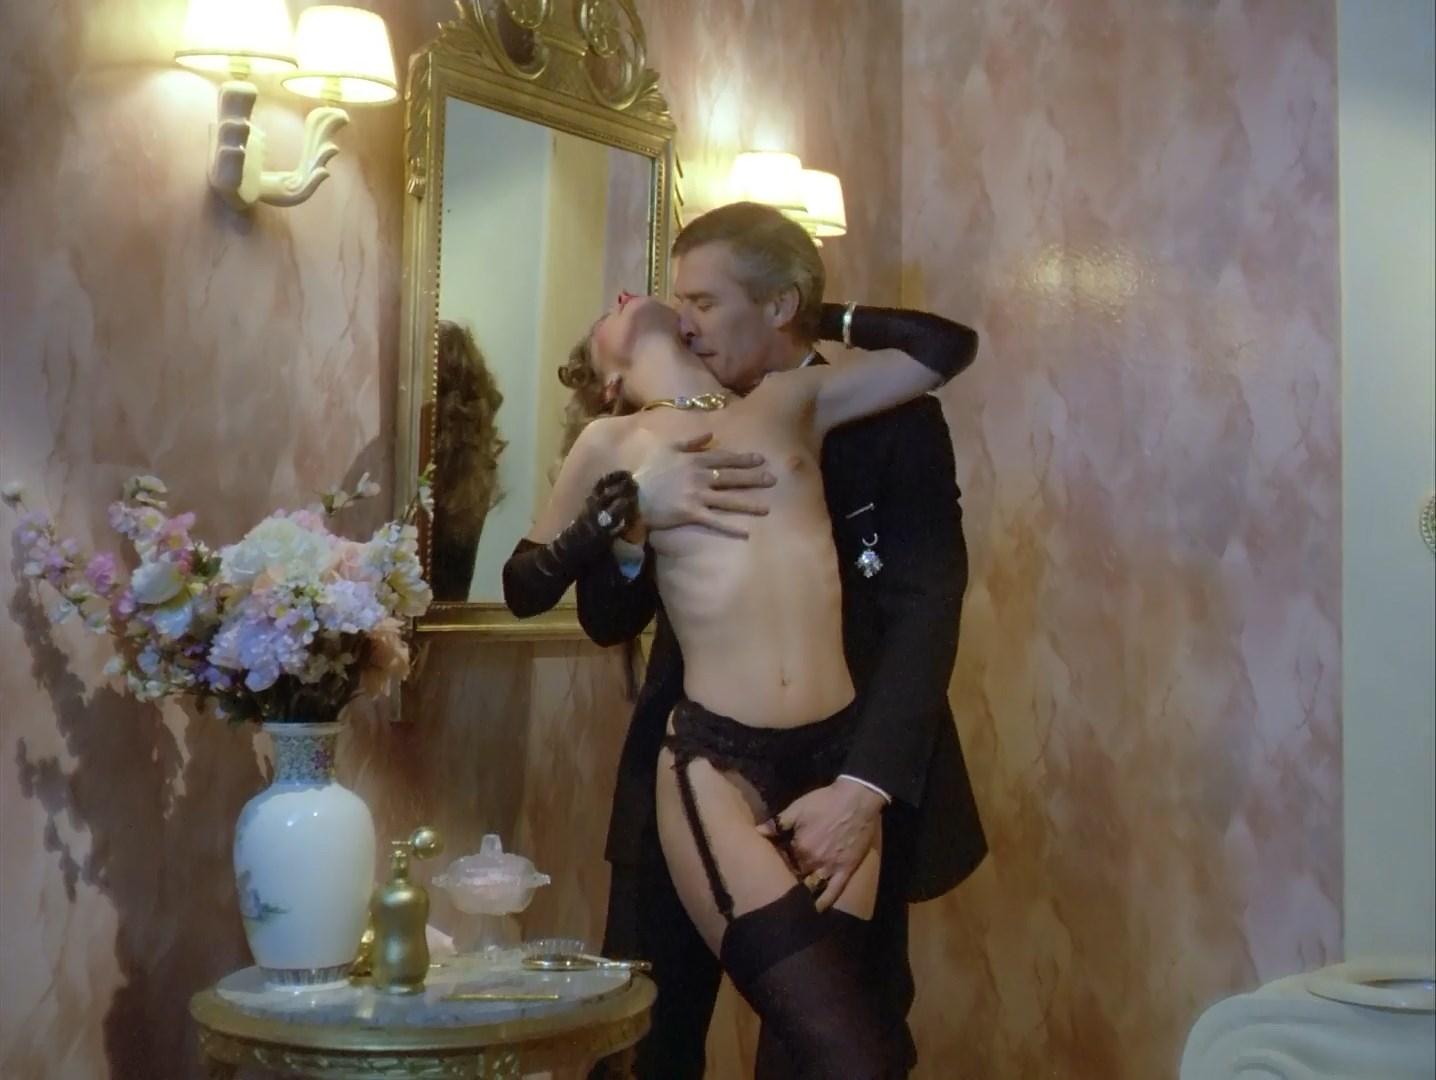 Sophie Berger nude - La ronde de l'amour (1985)